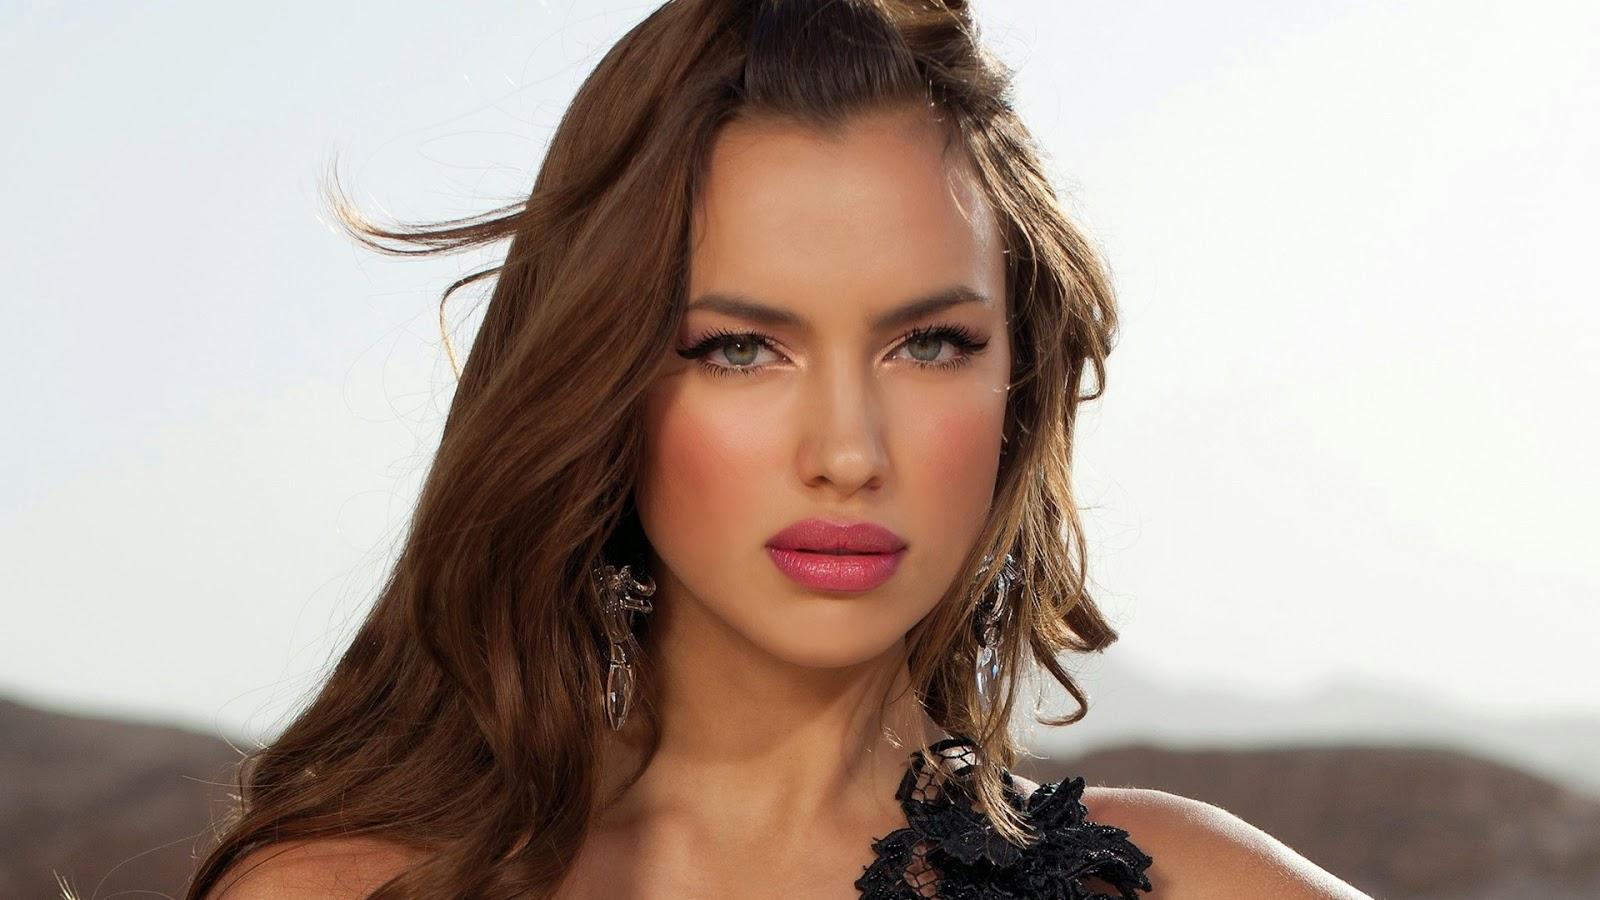 جميلات في عالم الرياضة: ايرينا شايك, Irina Shayk